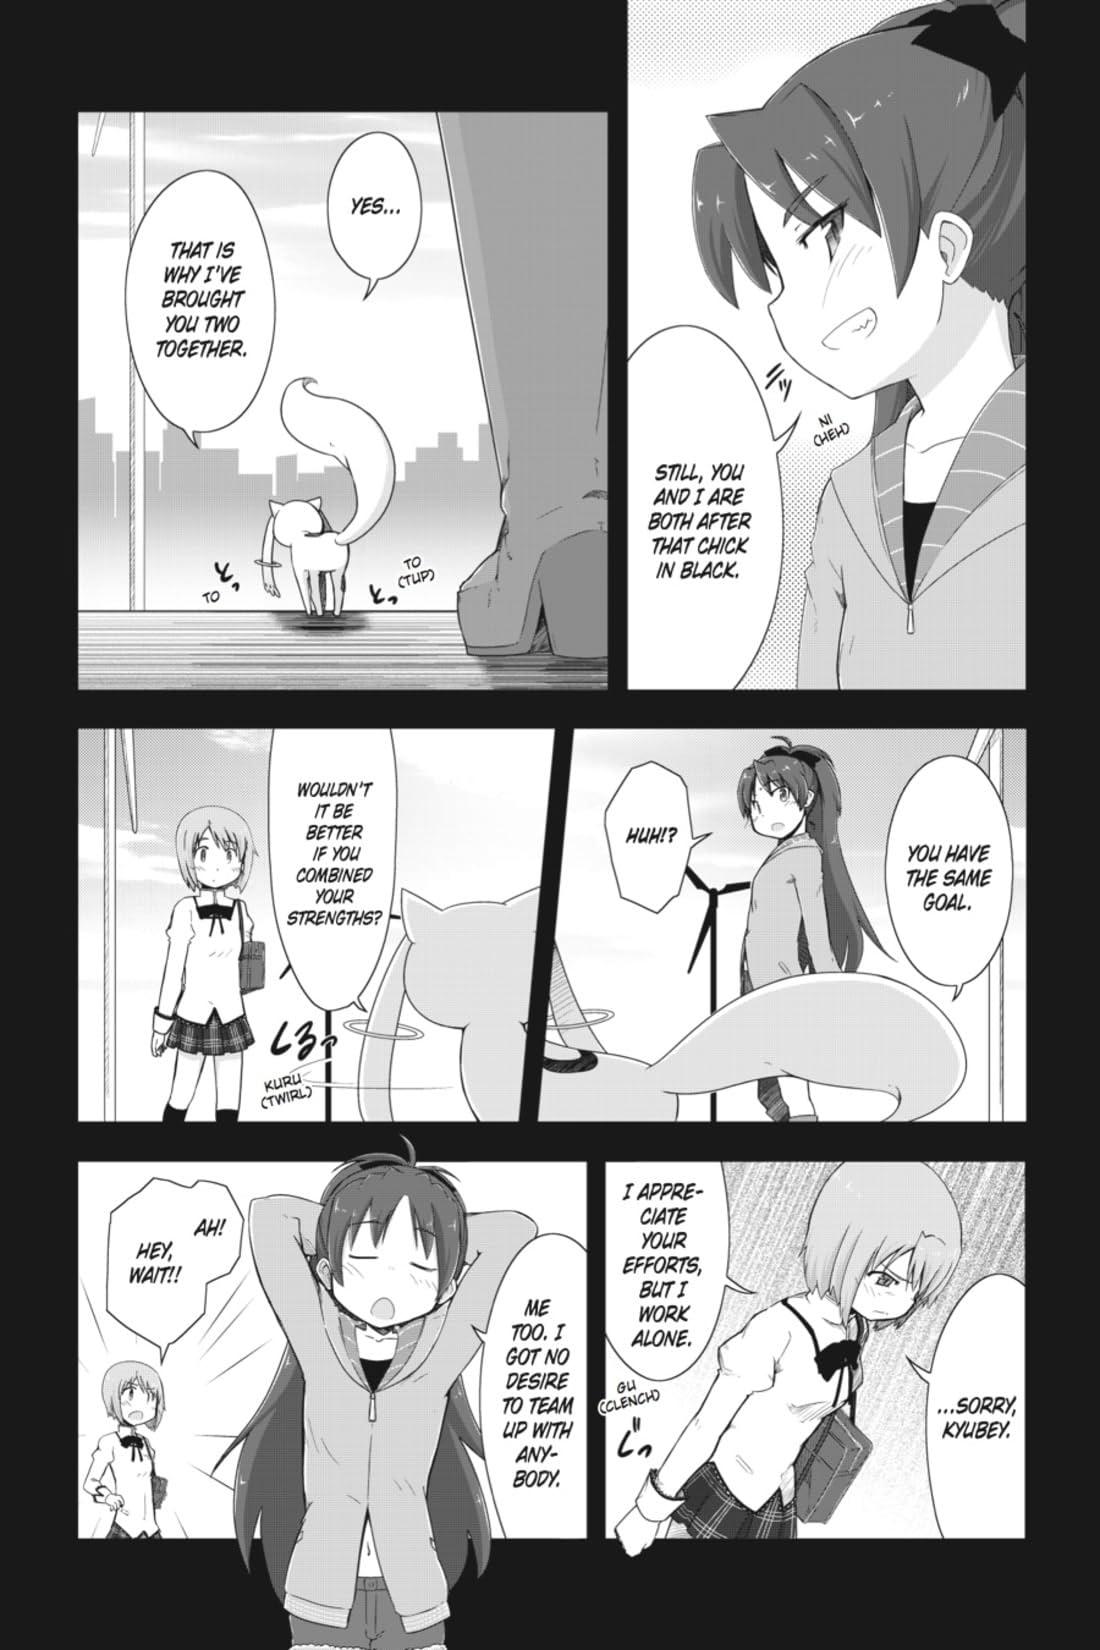 Puella Magi Madoka Magica Vol. 2: Homura's Revenge!